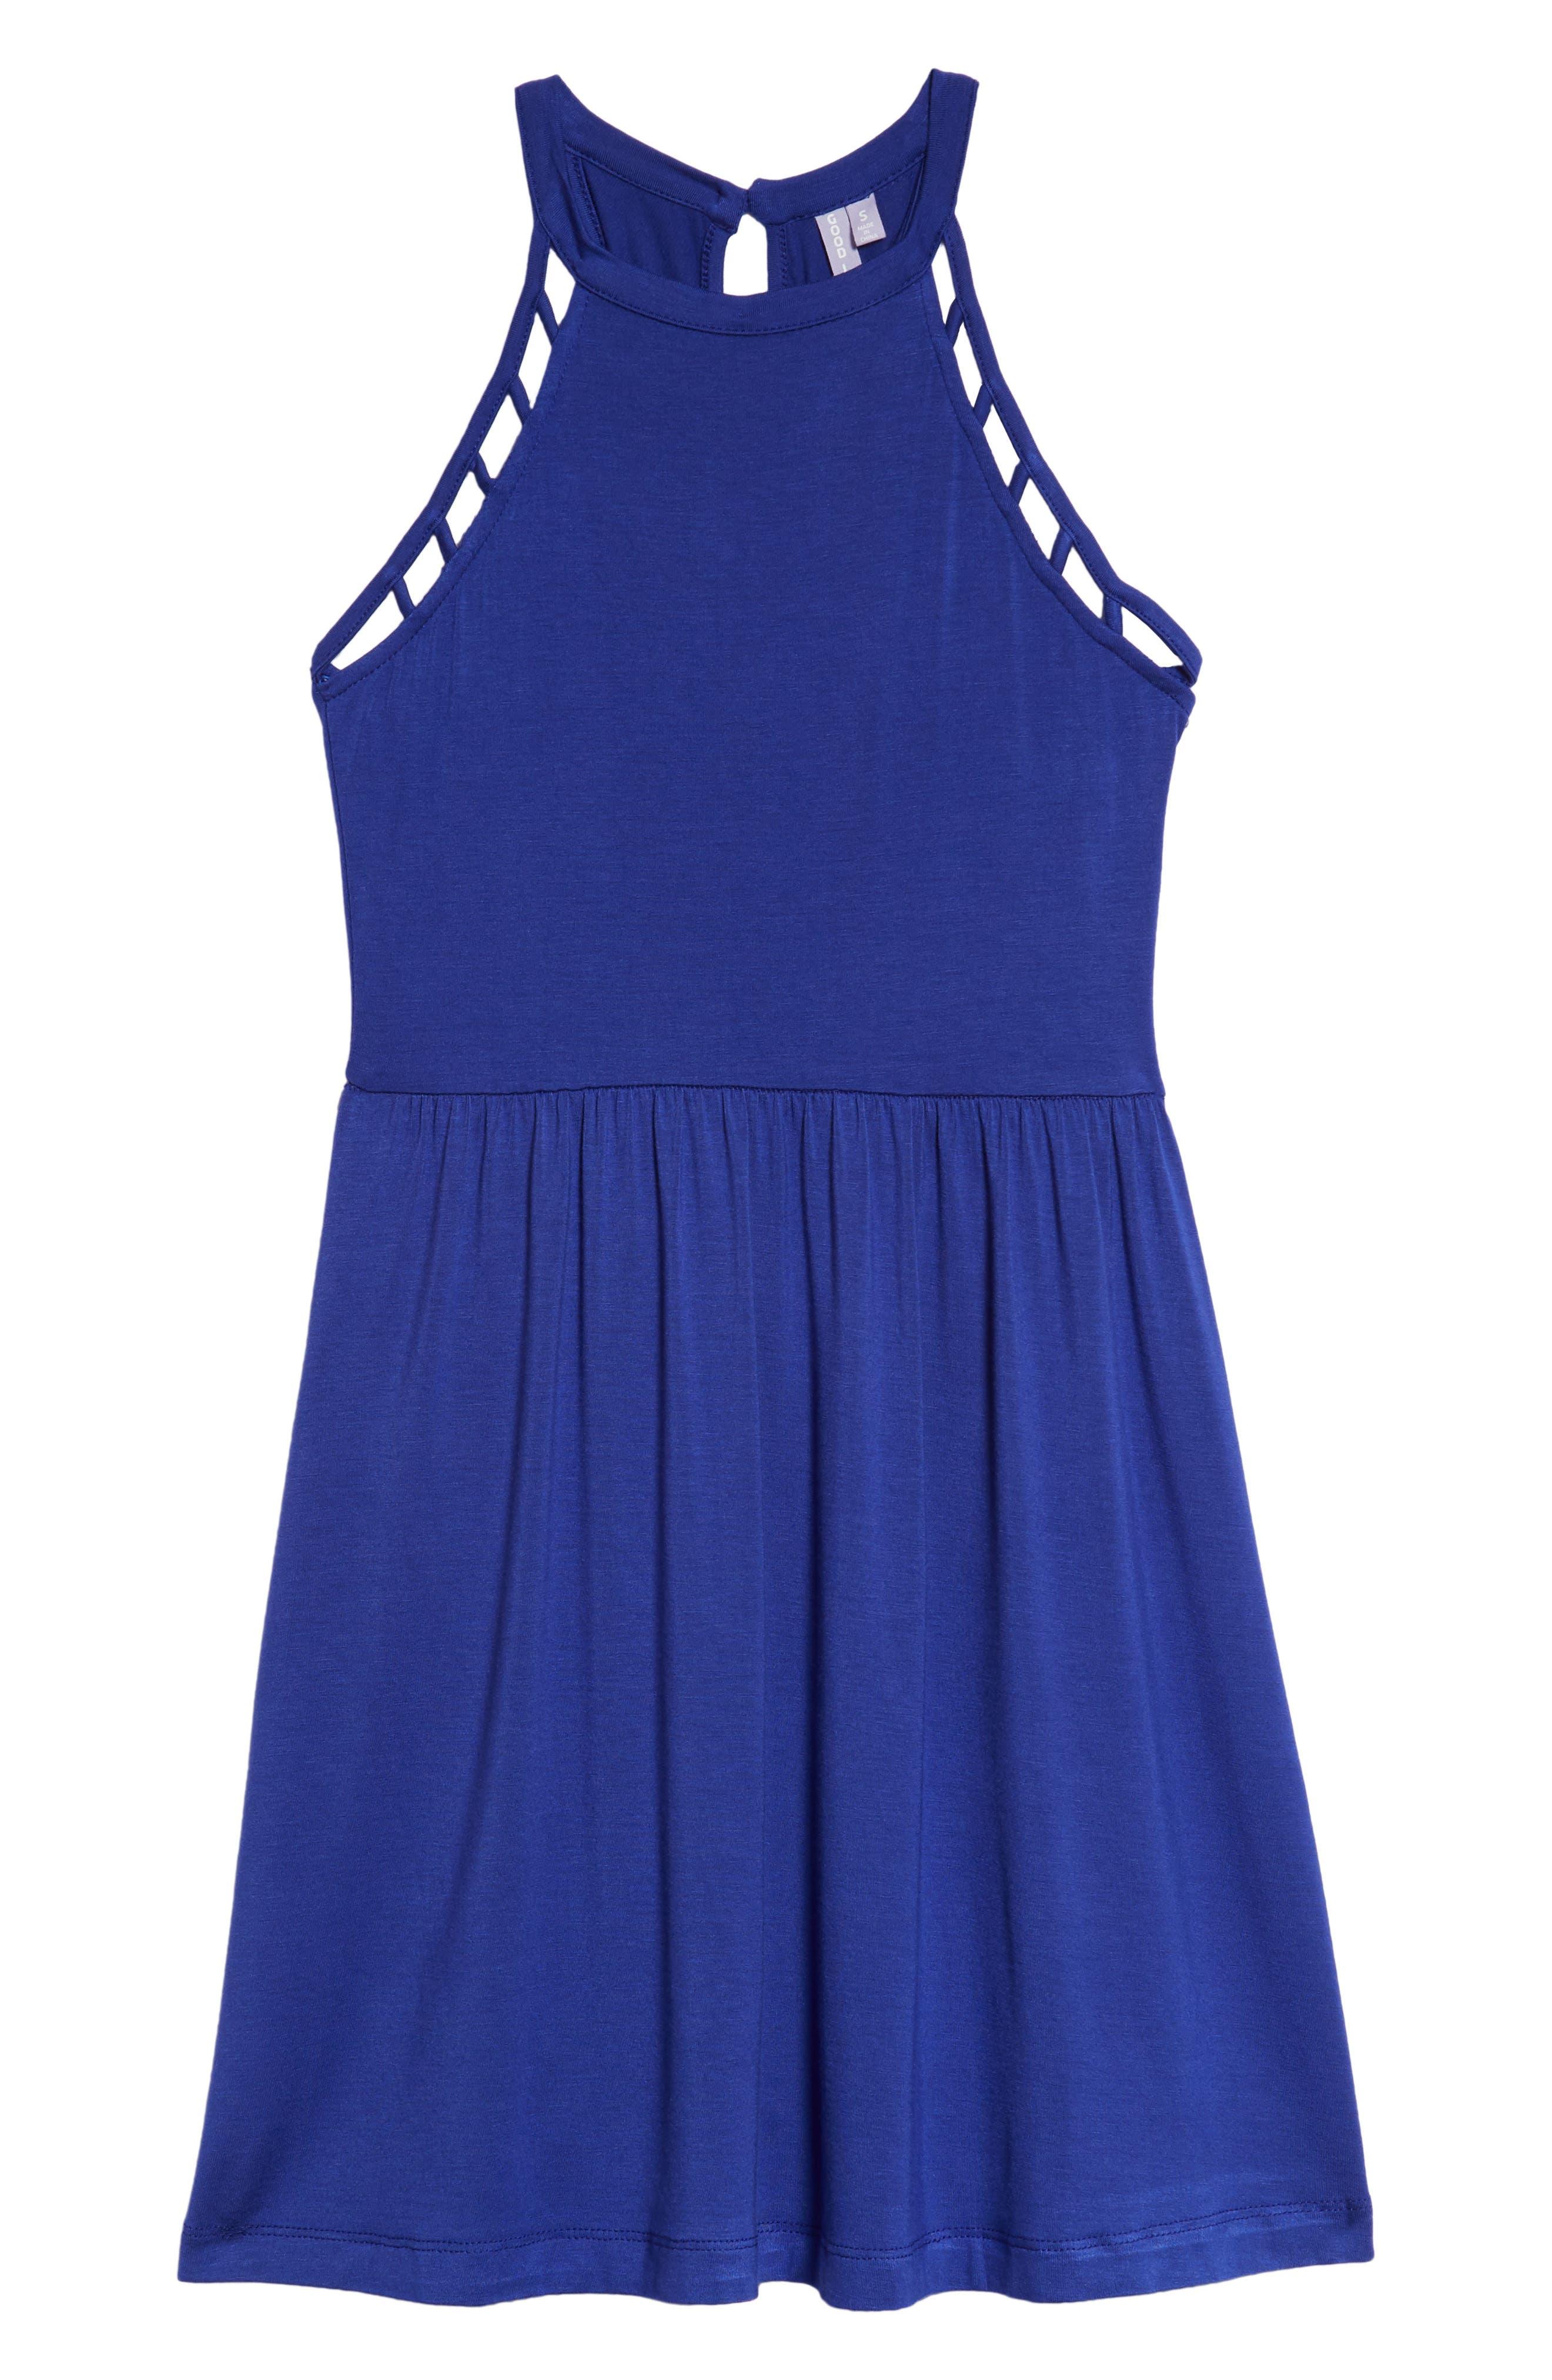 Knit Halter Cage Skater Dress,                         Main,                         color, Royal